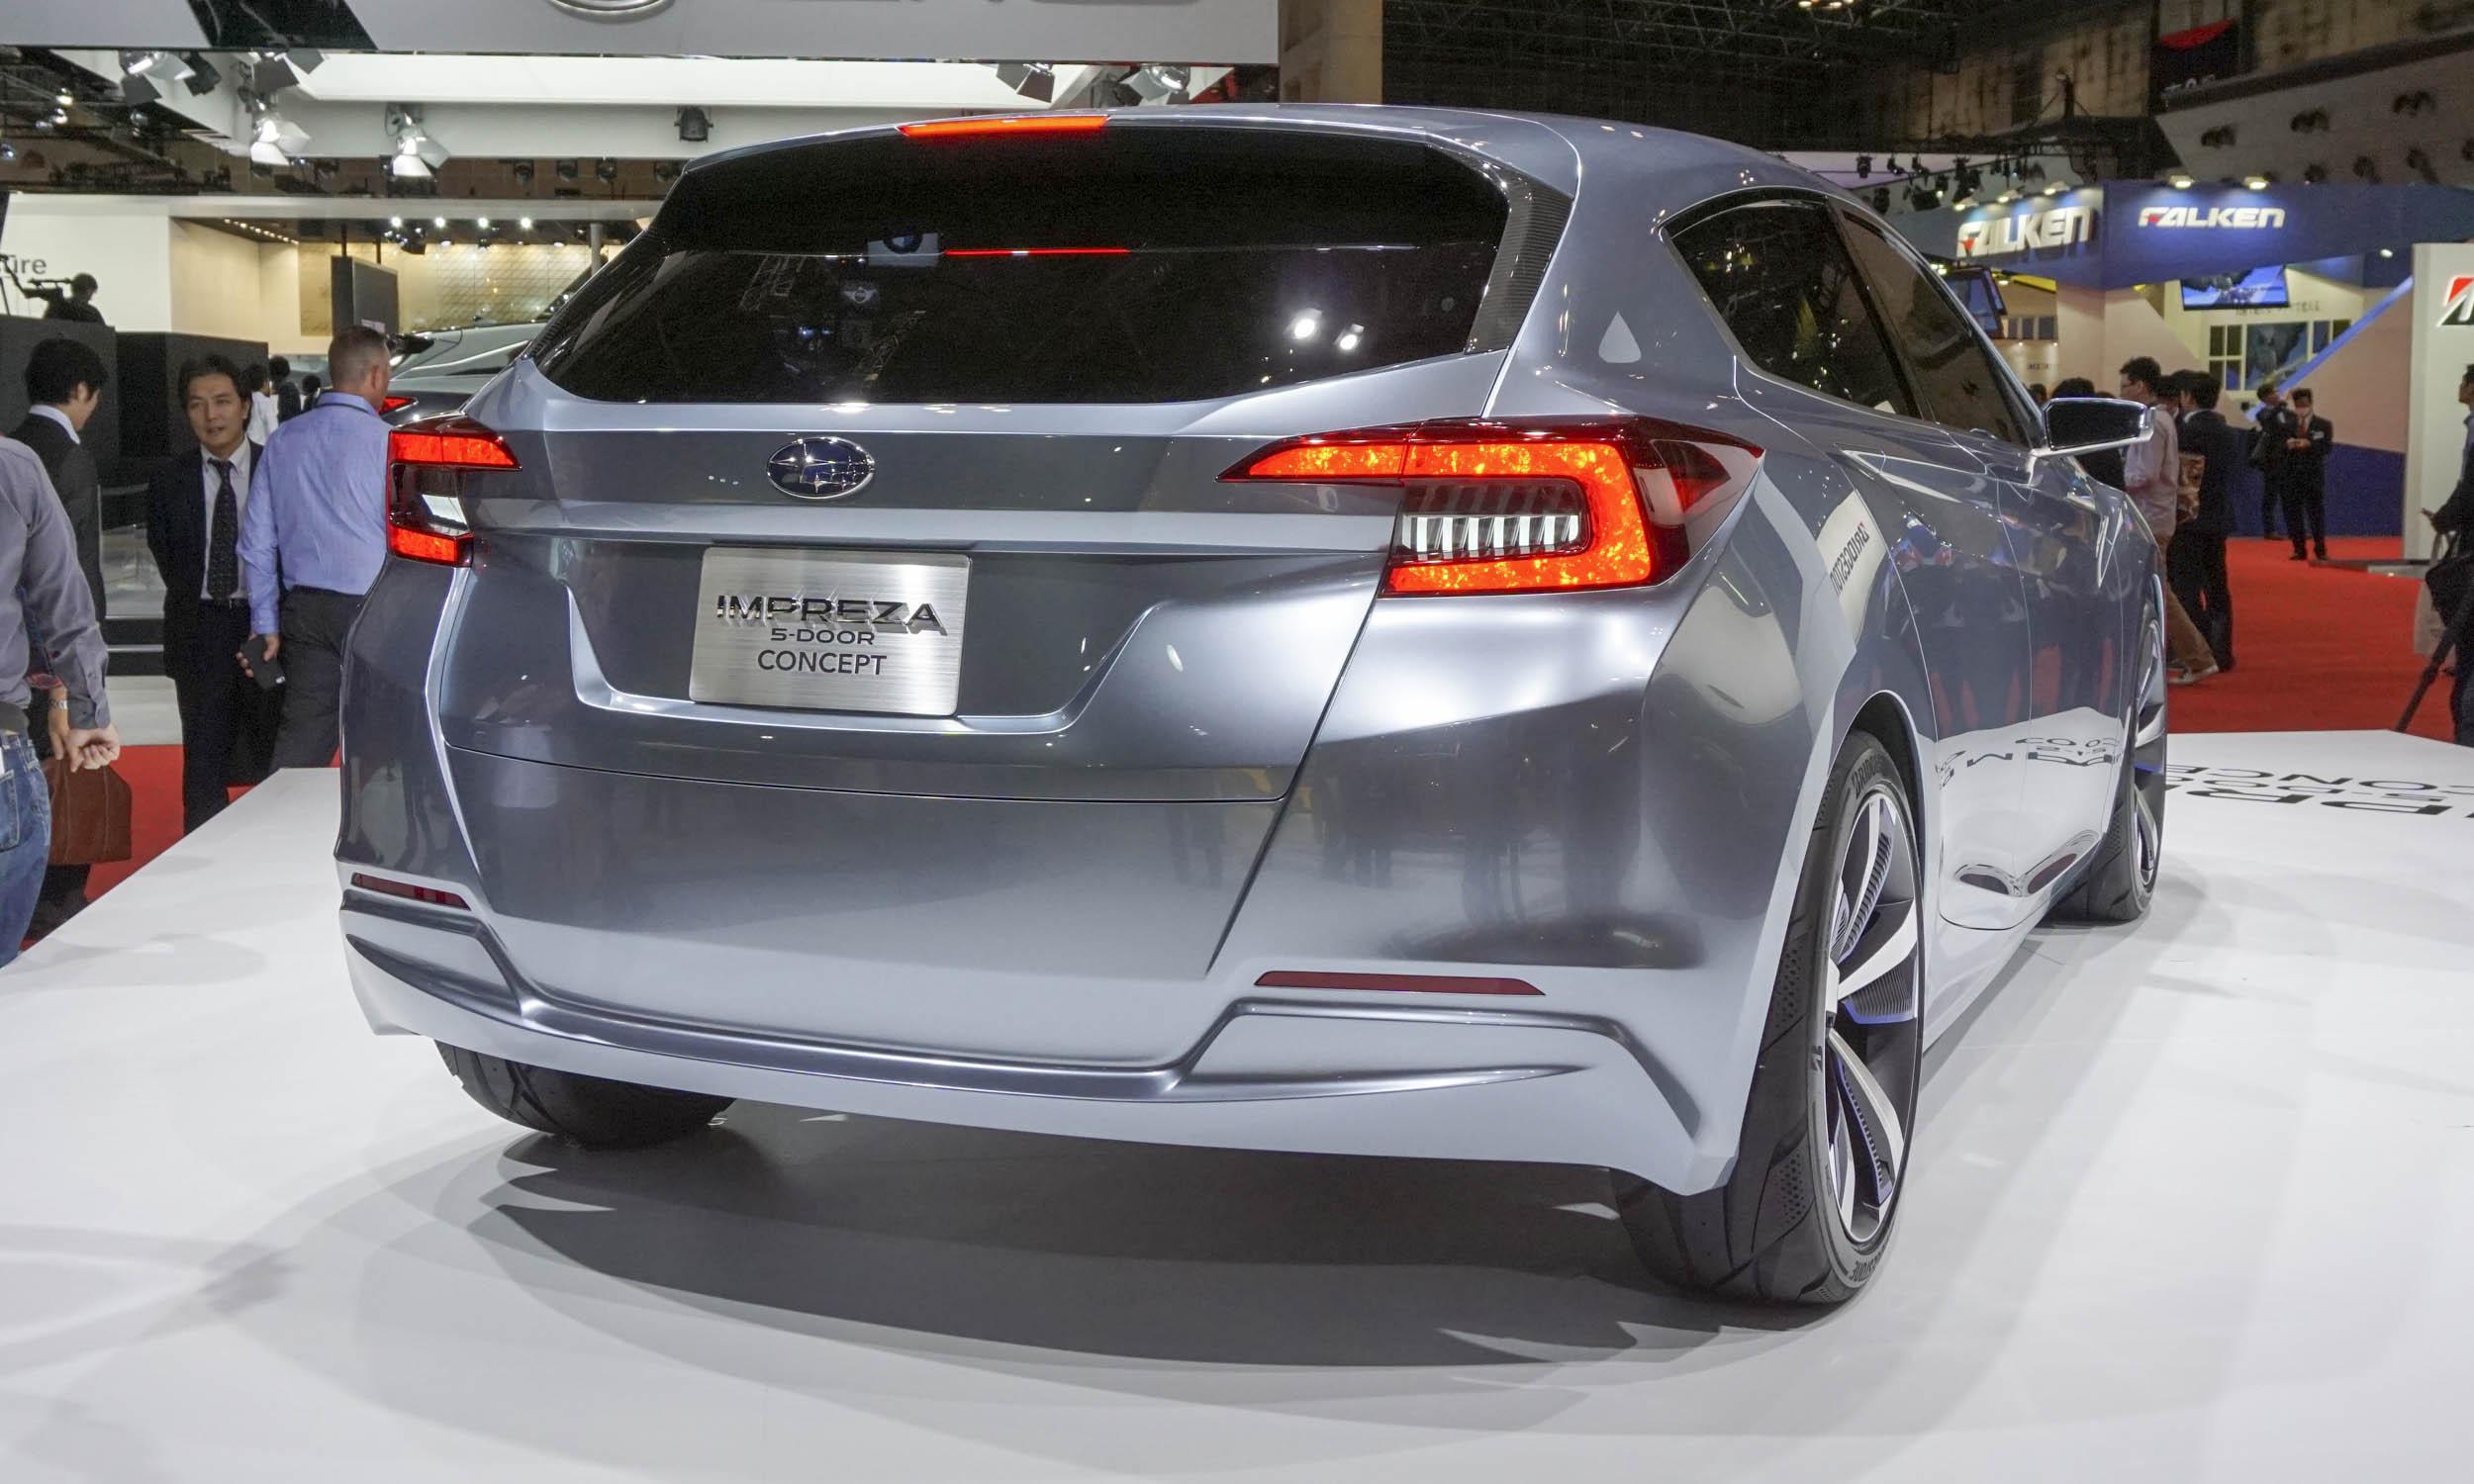 ... 2018 Subaru Impreza WRX further 2015 Subaru WRX STI. on subaru sti